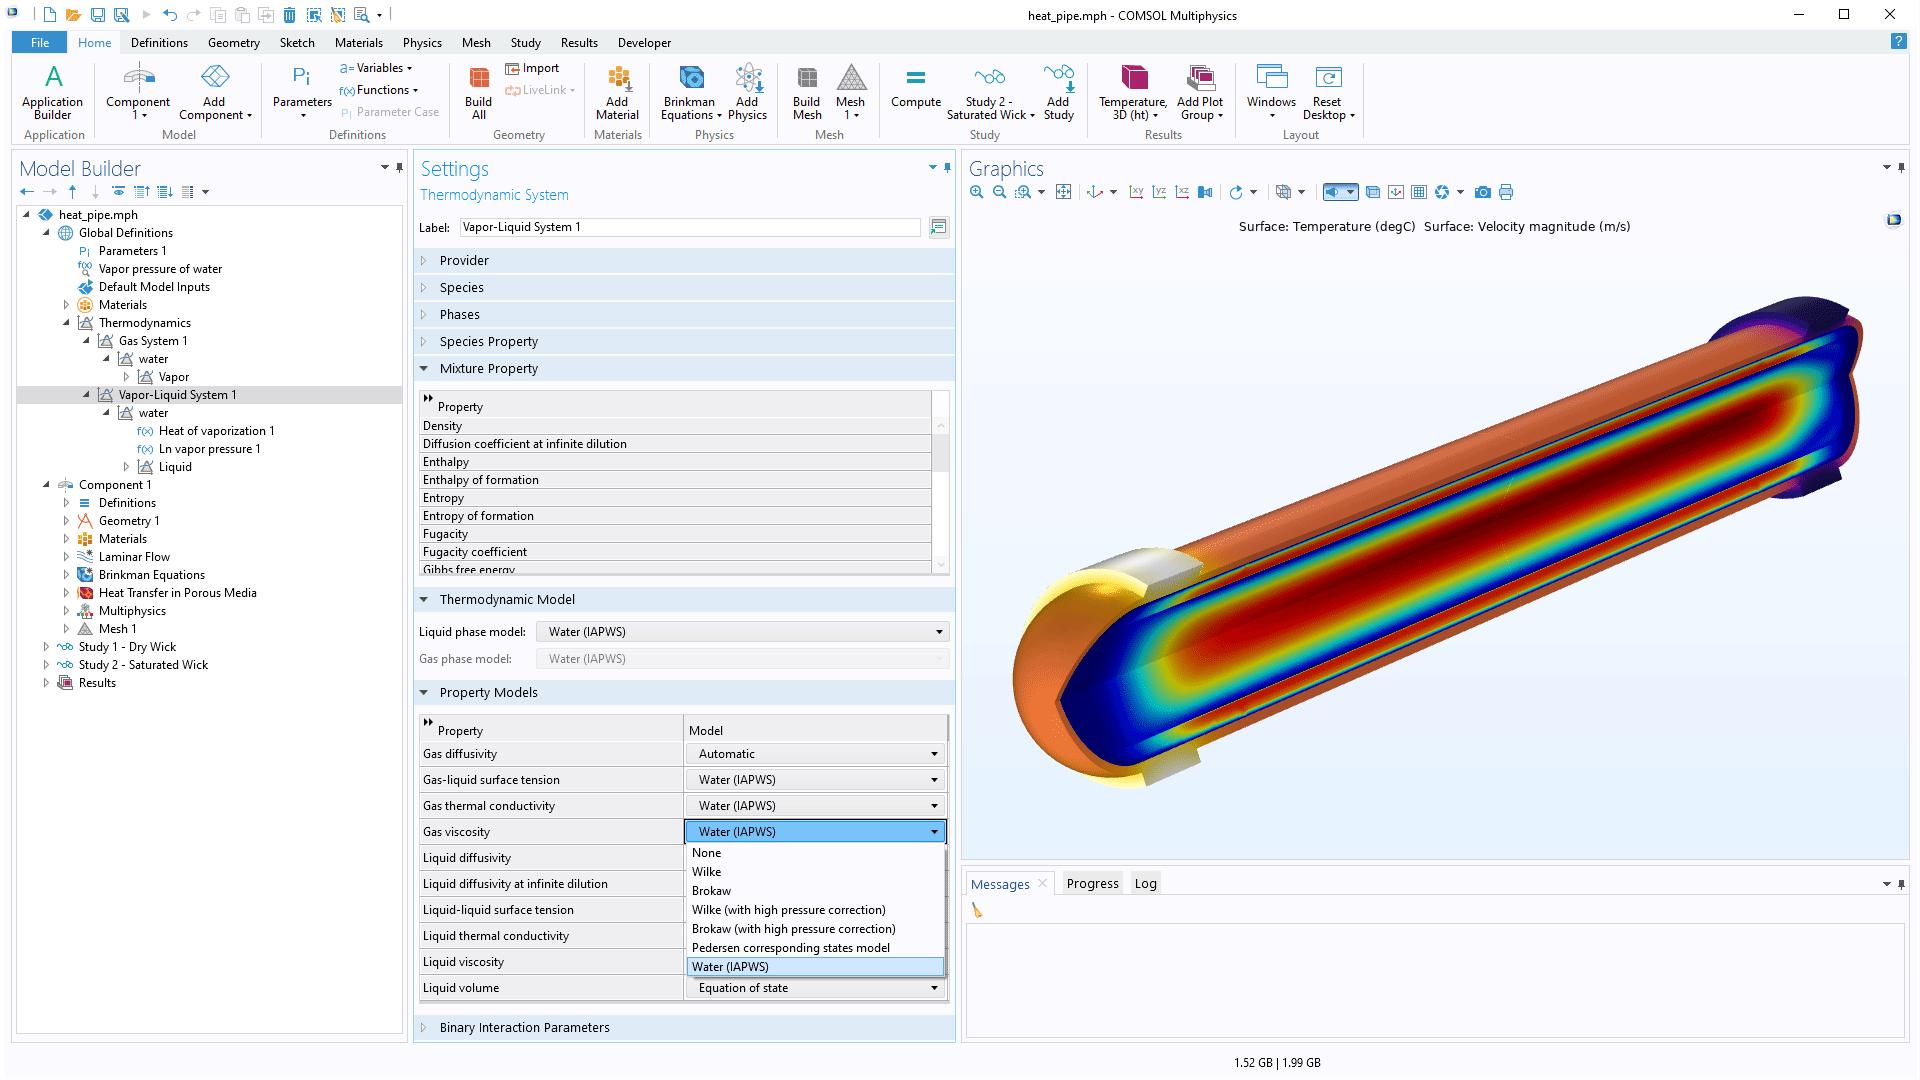 """COMSOL Multiphysics 用户界面,显示了热力学属性设置,其中展开了气体黏度选项,""""图形""""窗口中显示一个热管模型。"""